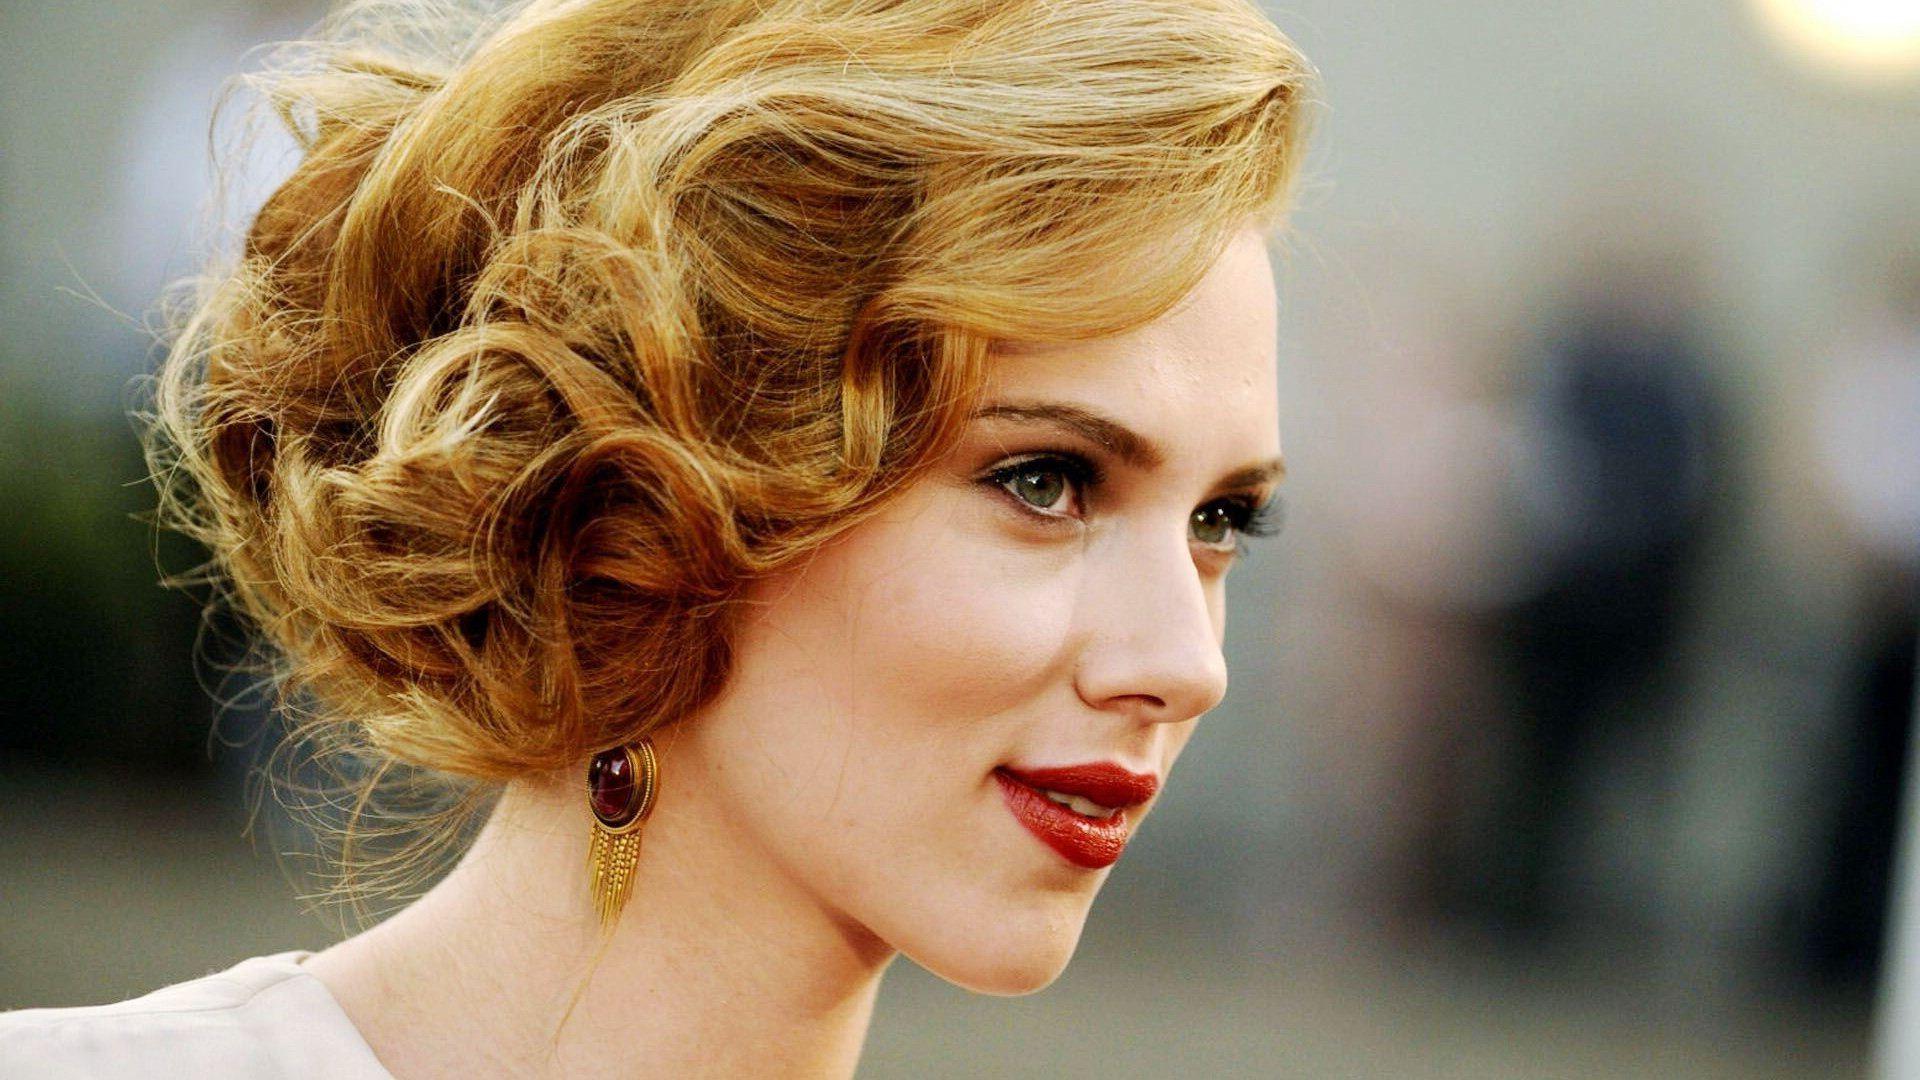 Scarlett Johansson For Desktop